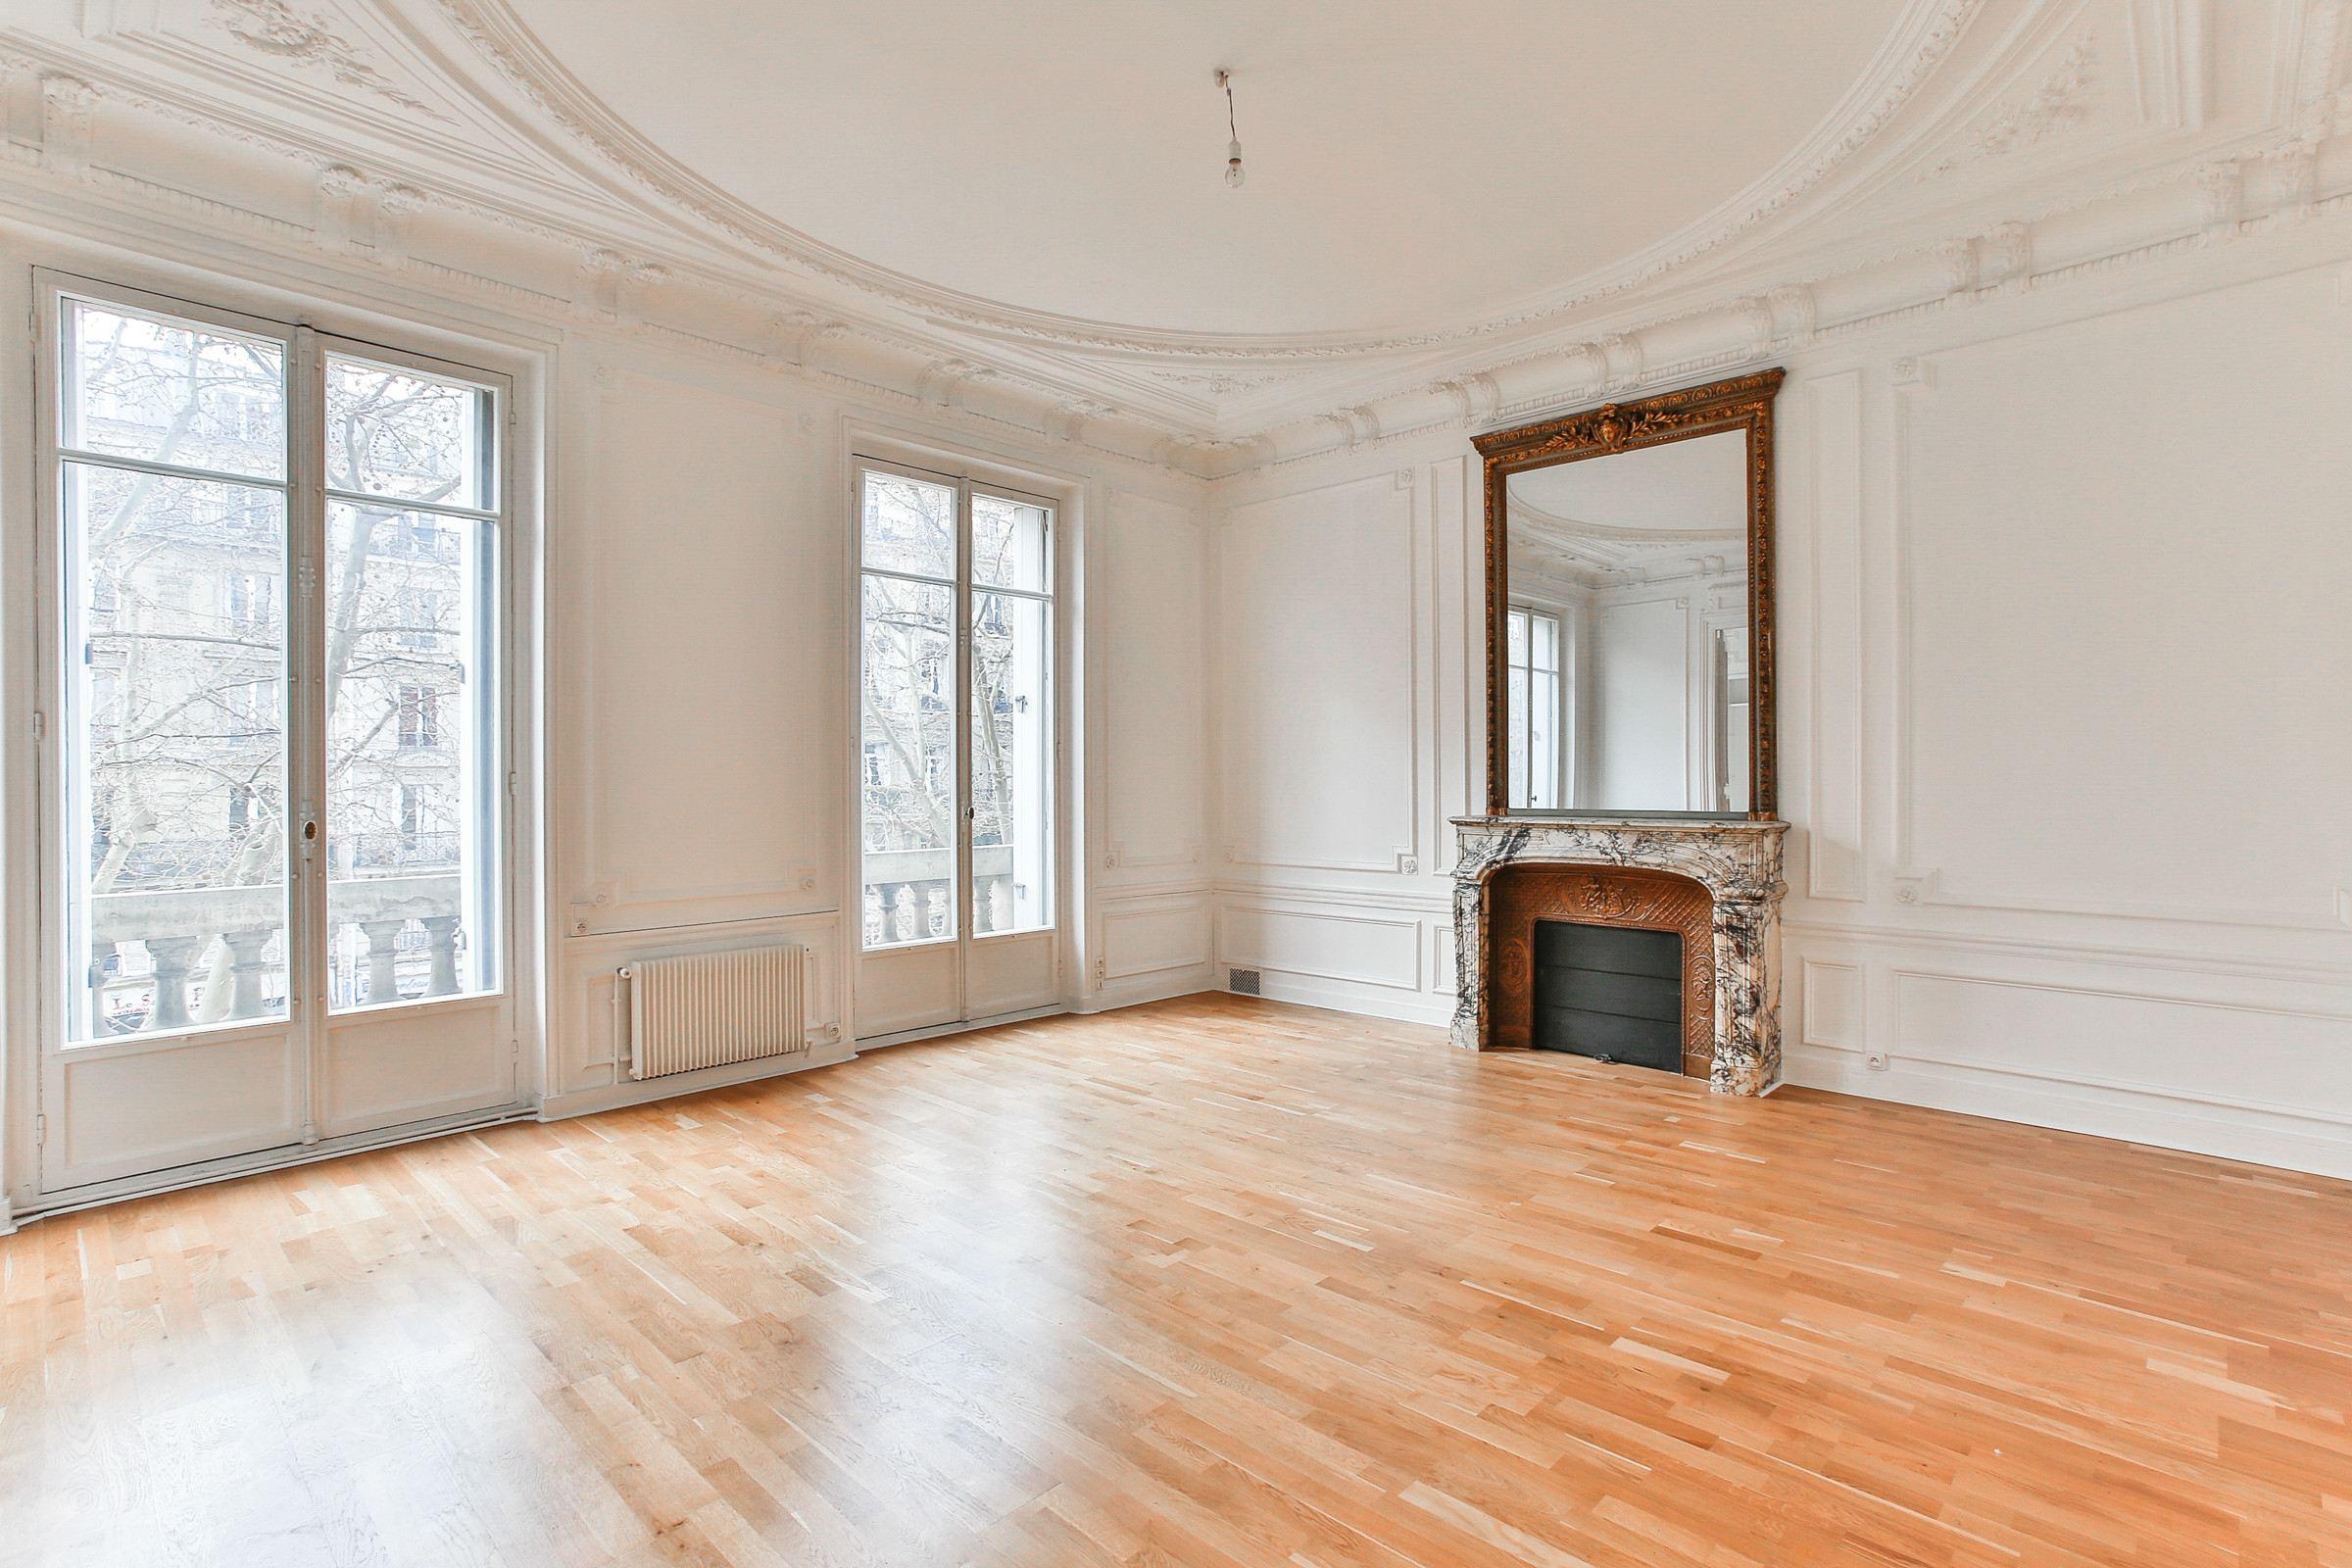 Appartement pour l Vente à Appartement - Villiers - Monceau Paris, Paris 75017 France